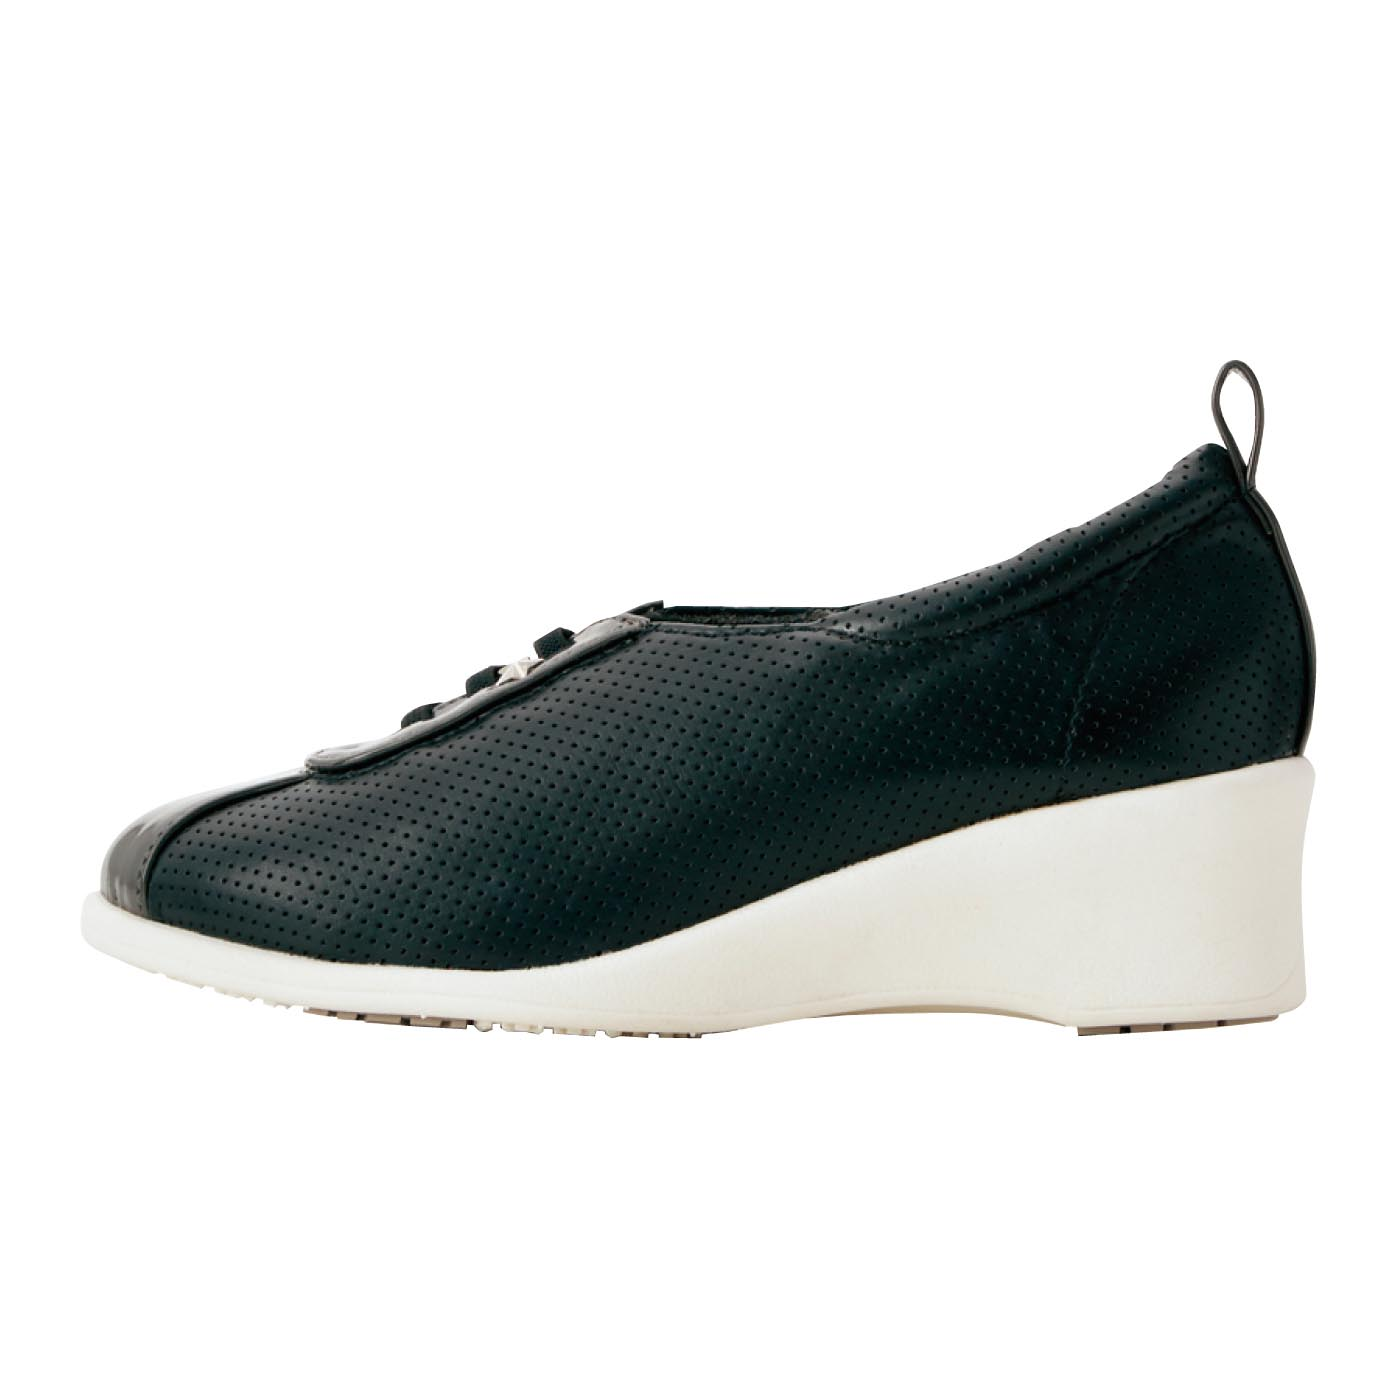 [ブラック・ホワイト共通]きれいな脚のラインをつくる約5cmのヒール。両足で約320g(Mサイズの場合)の軽量を実現。